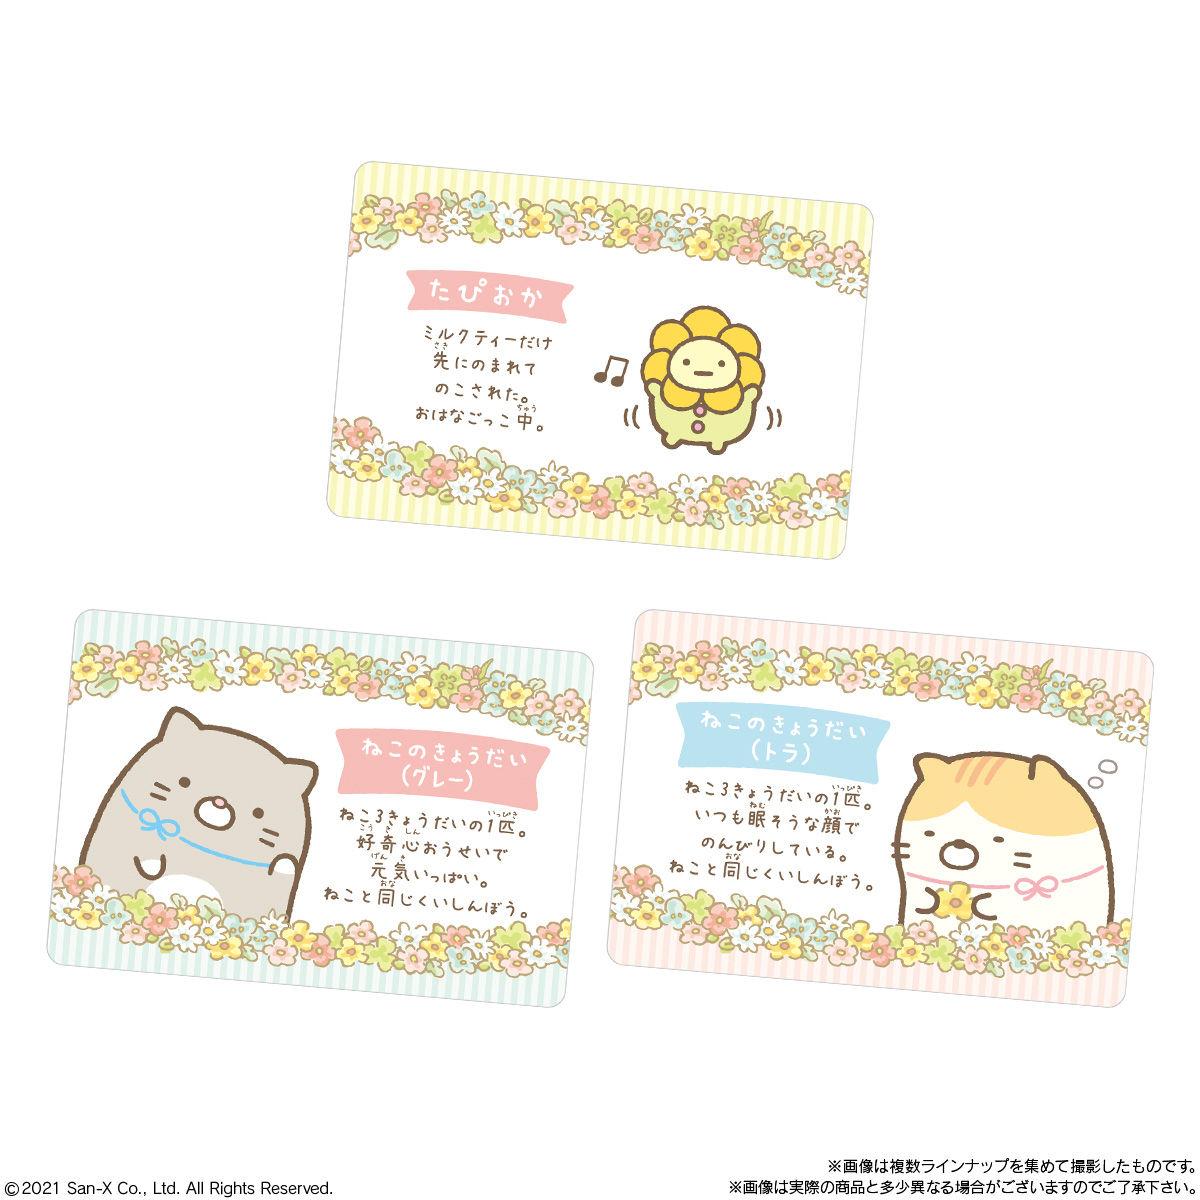 すみっコぐらし コレクションカードグミ4_5